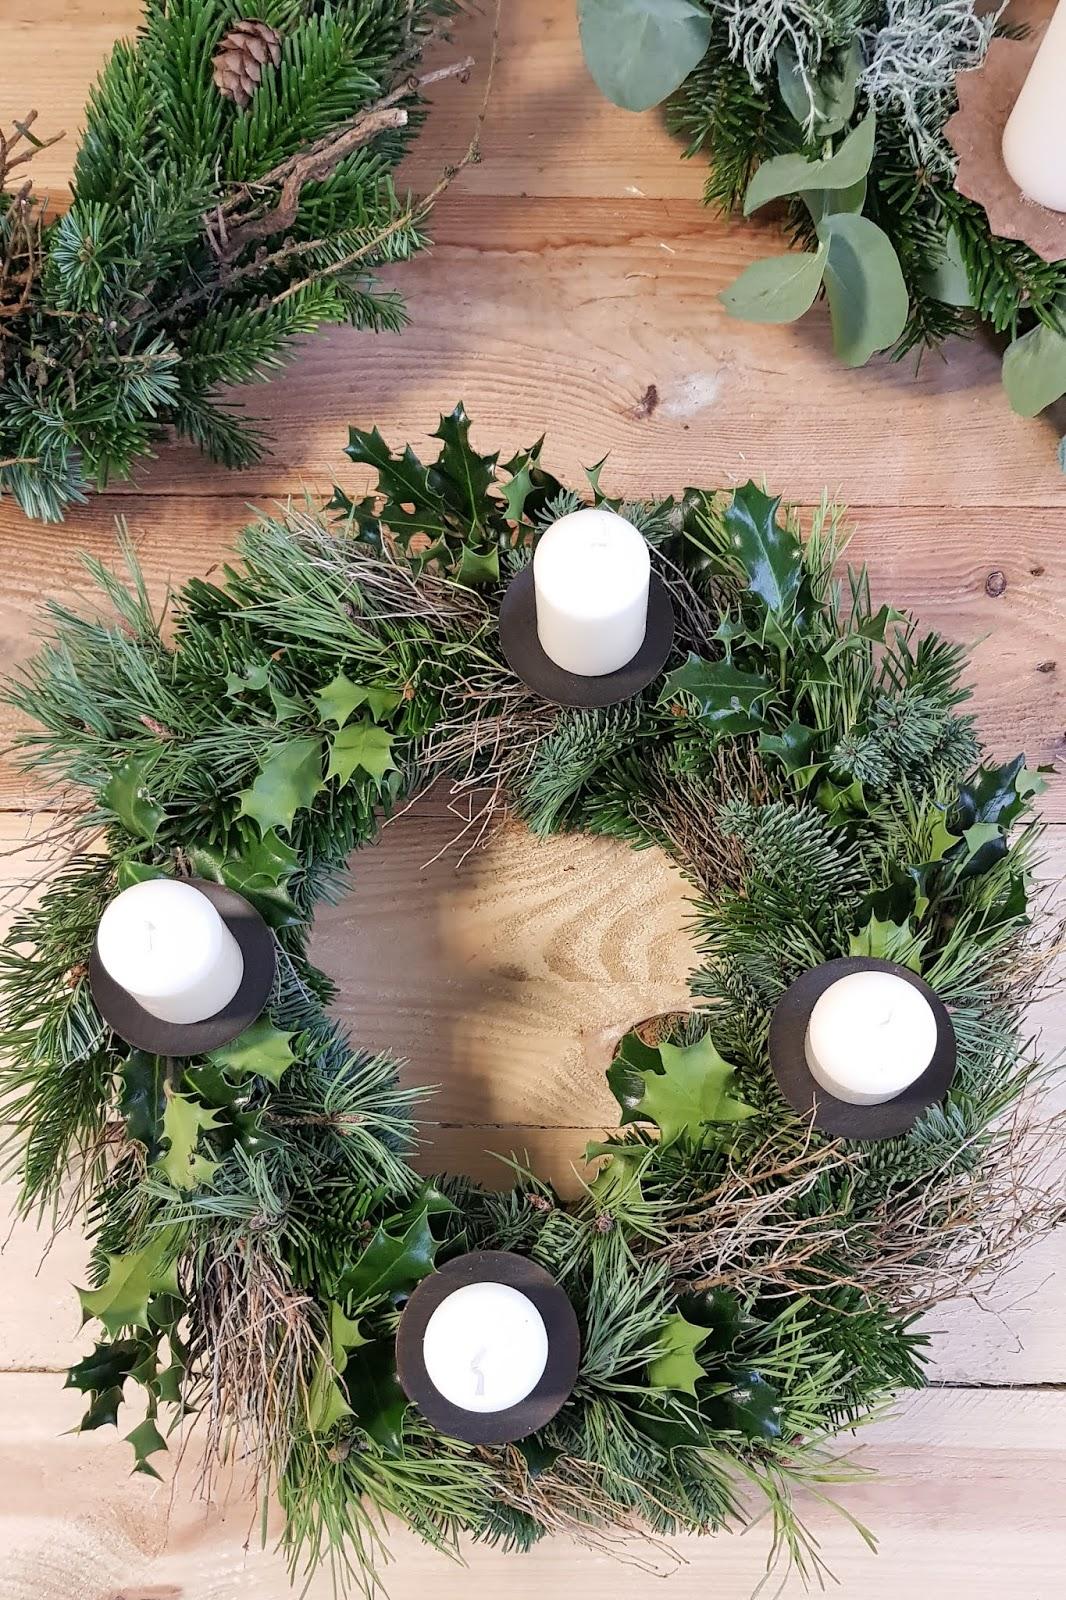 DIY Adventskranz Ideen selber machen Advent Kranz Kränze natürlich dekorieren für Weihnachten Ilex Nordmanntanne Euphorbia Spinoza